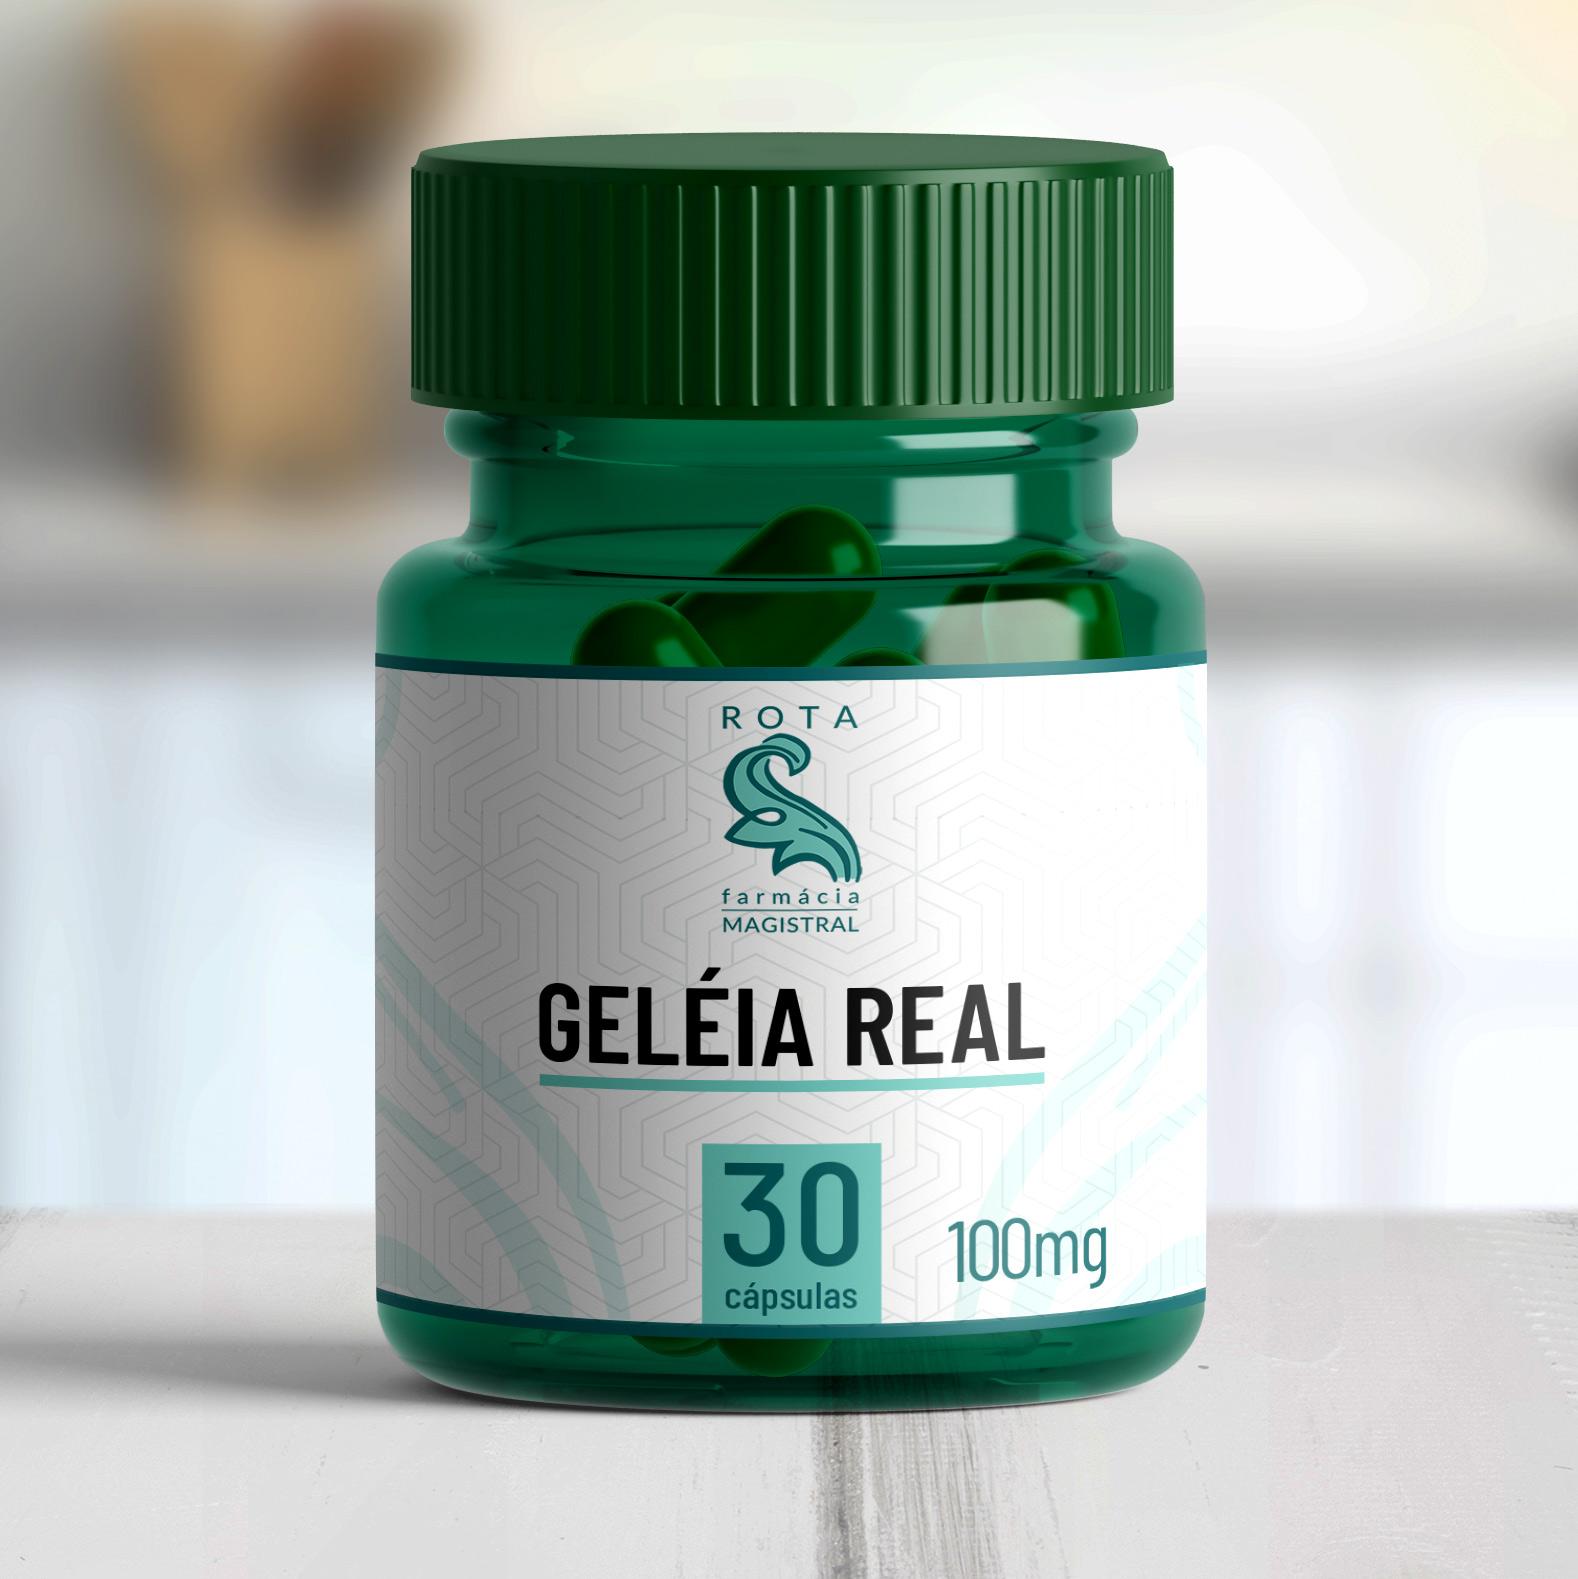 Geléia Real 100mg 30 cápsulas